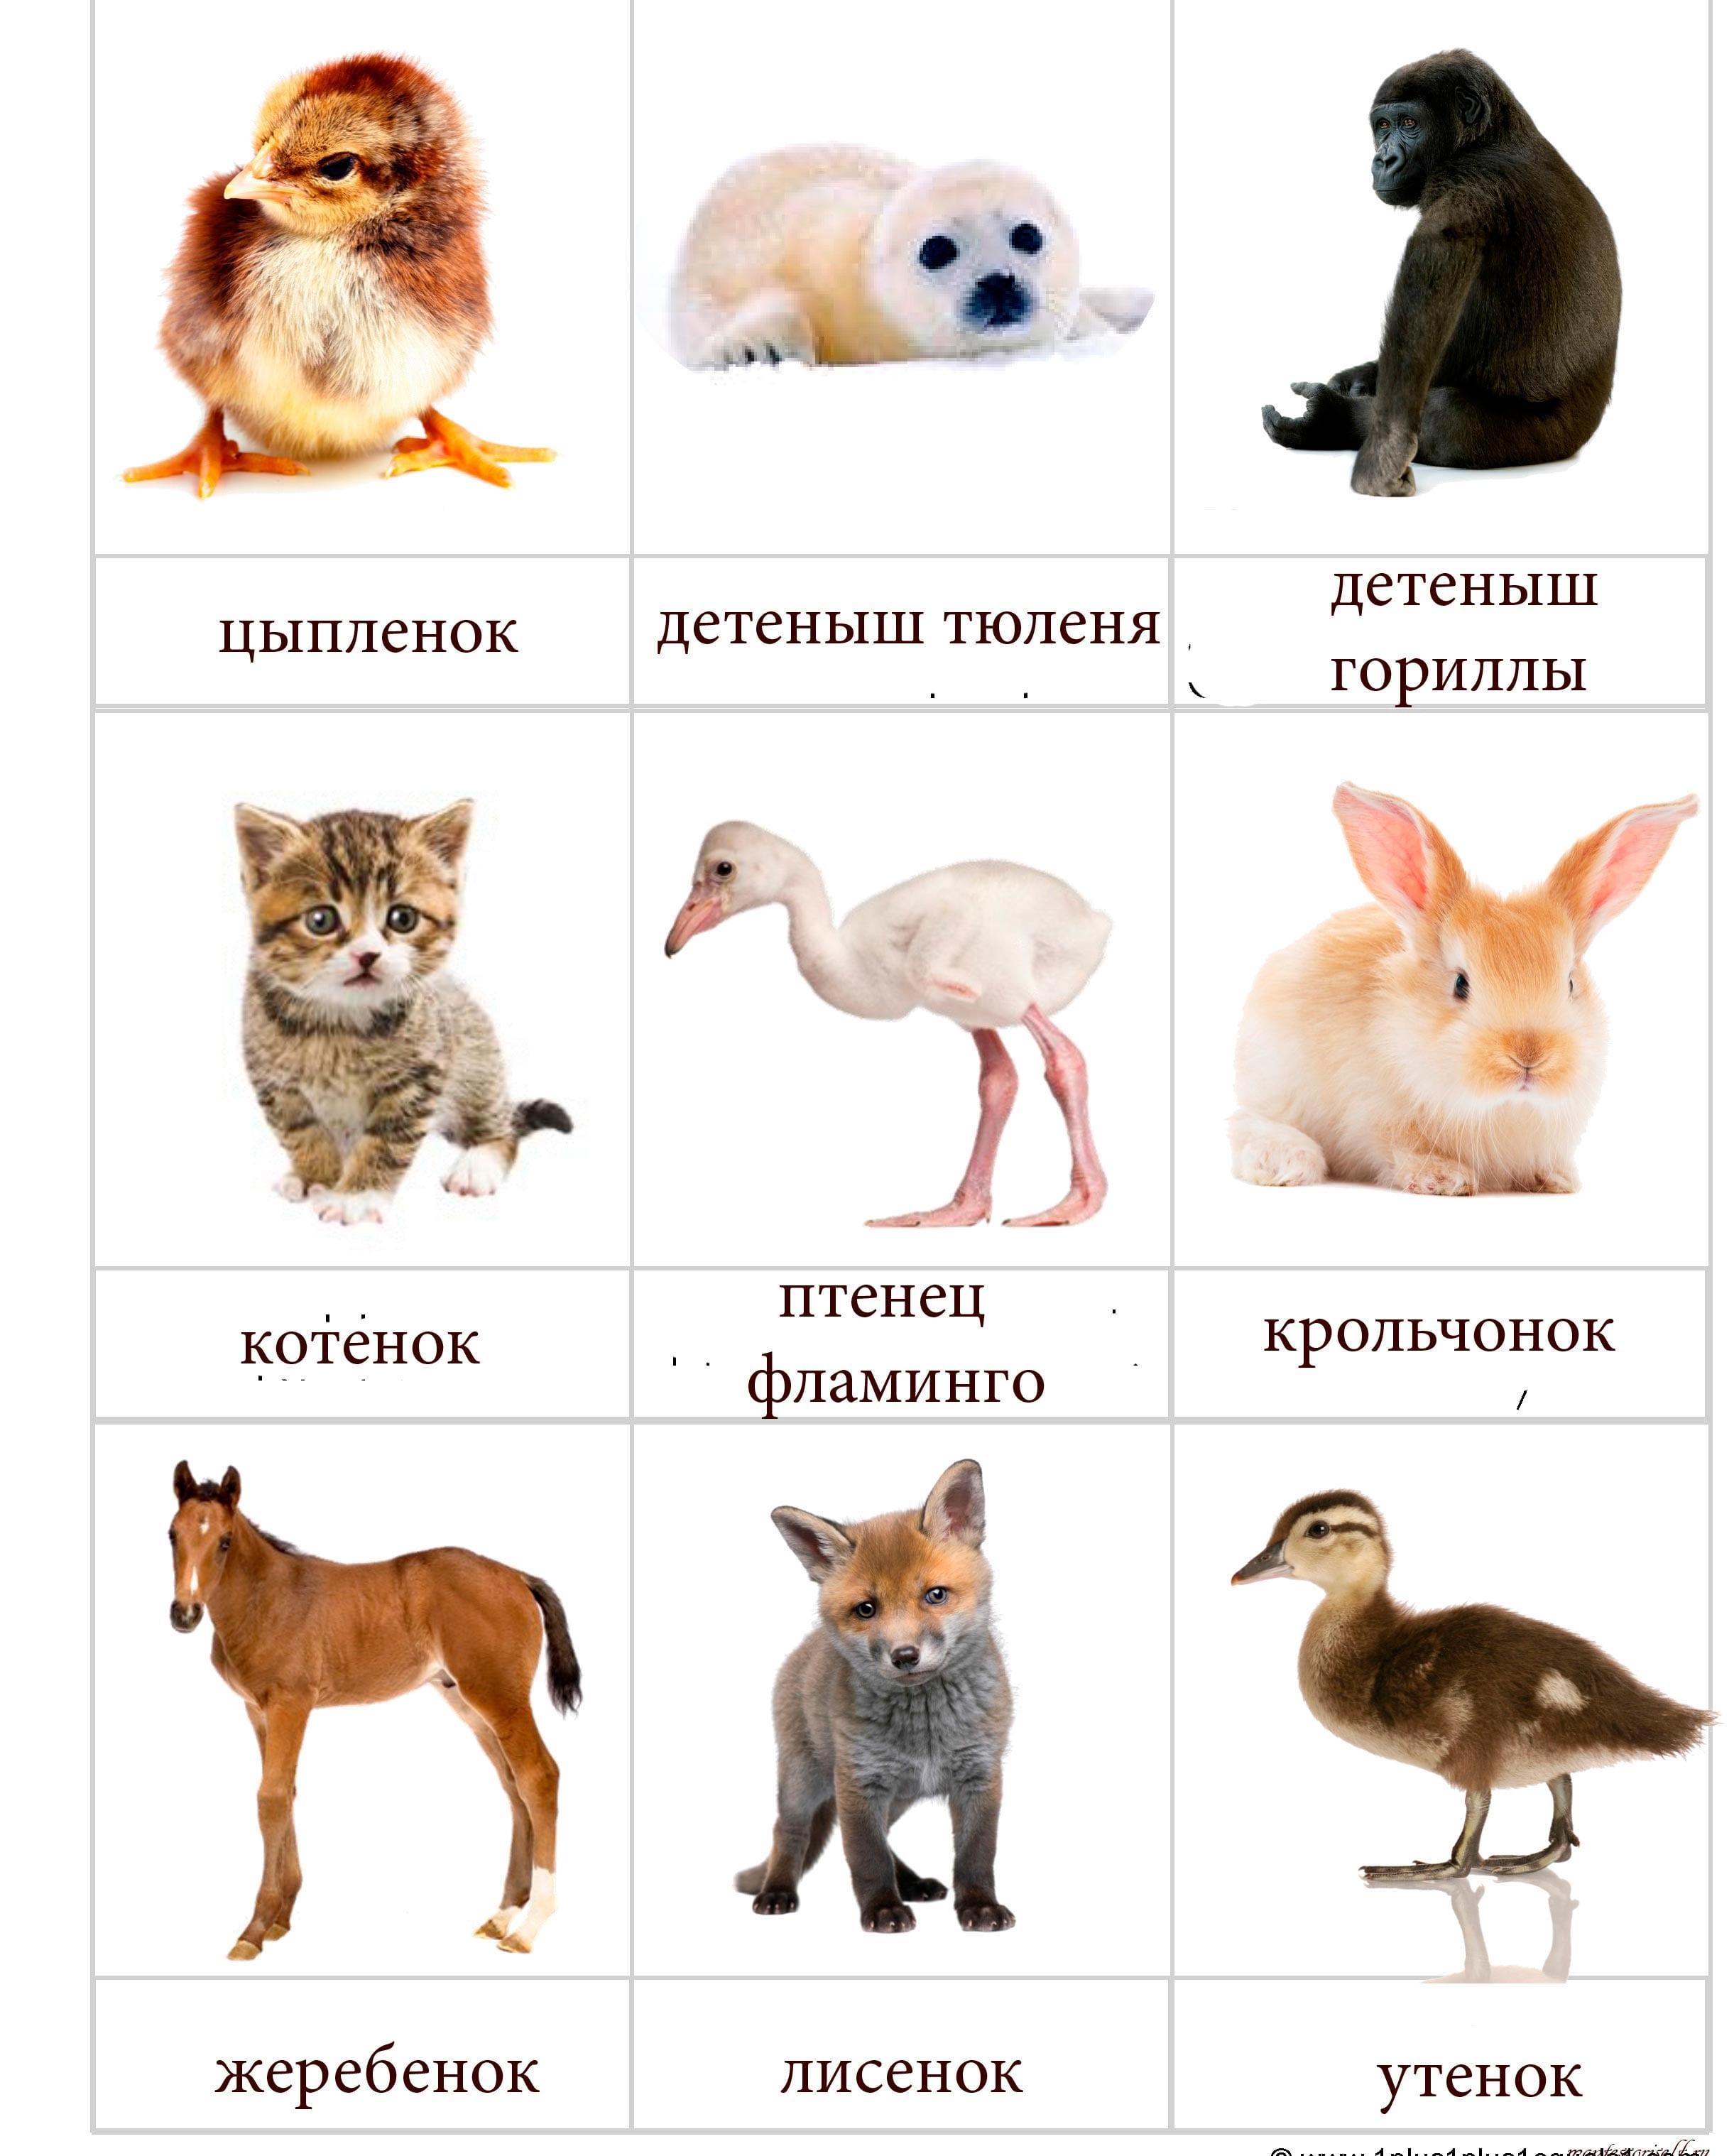 Картинки с детенышами животных 2